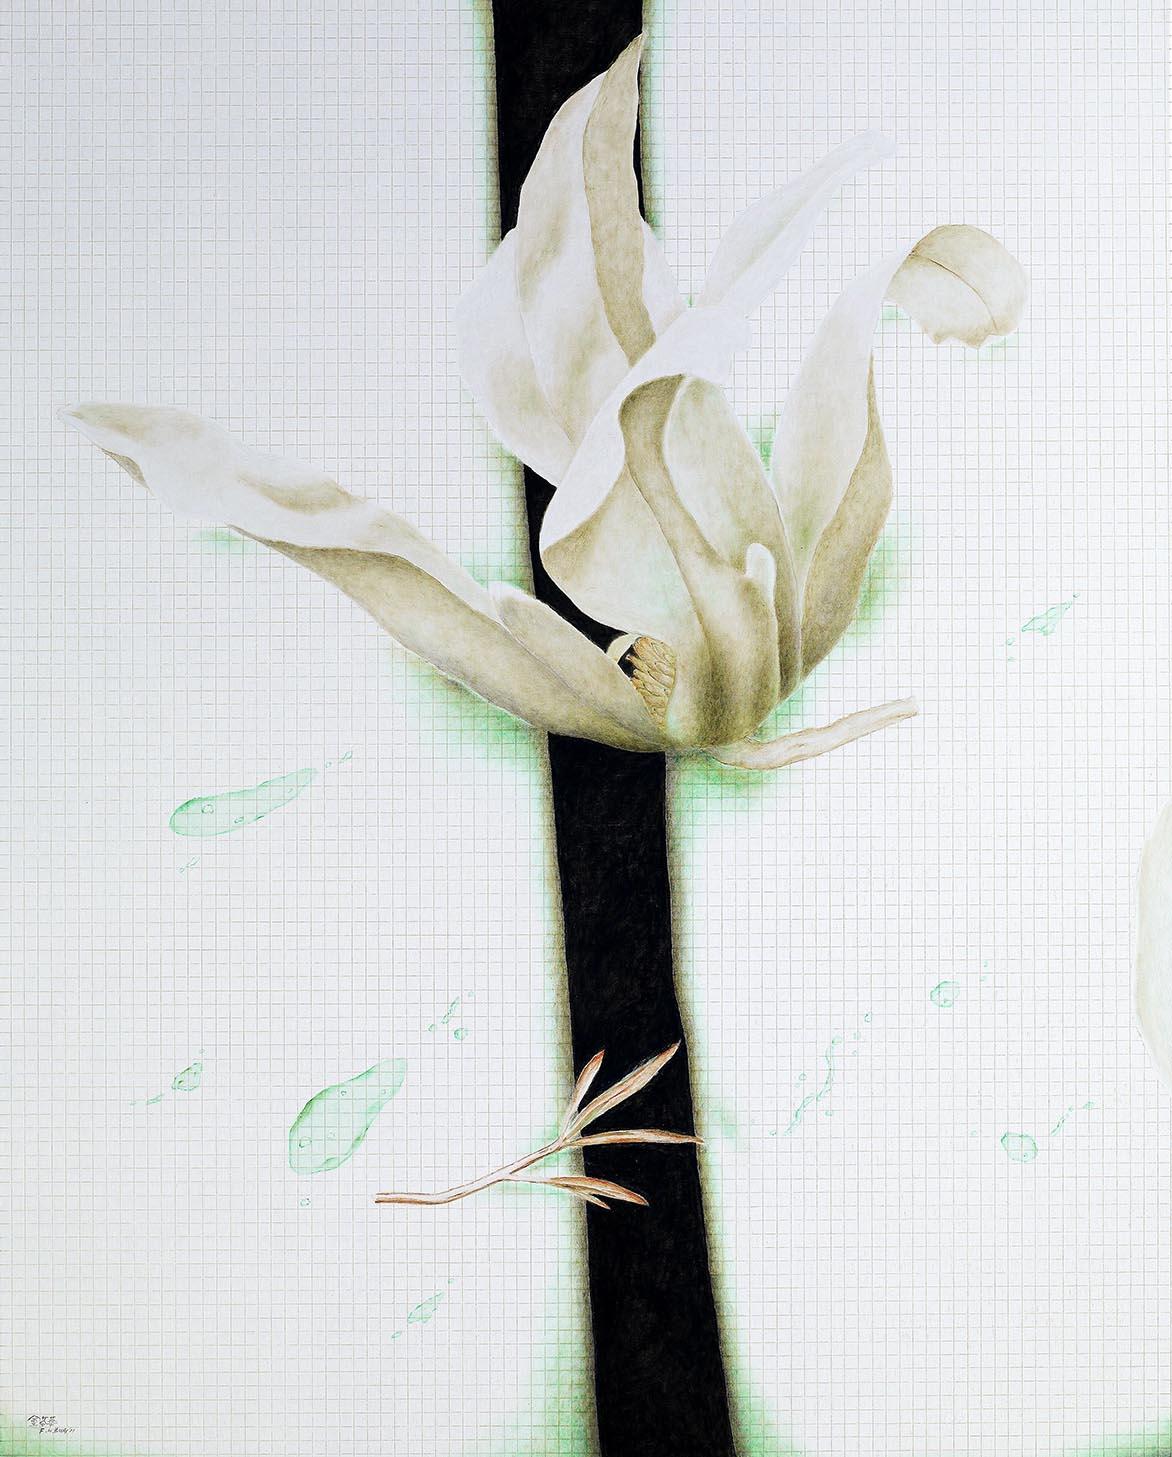 金芬華 木蘭花開II 油彩畫布 162x130cm